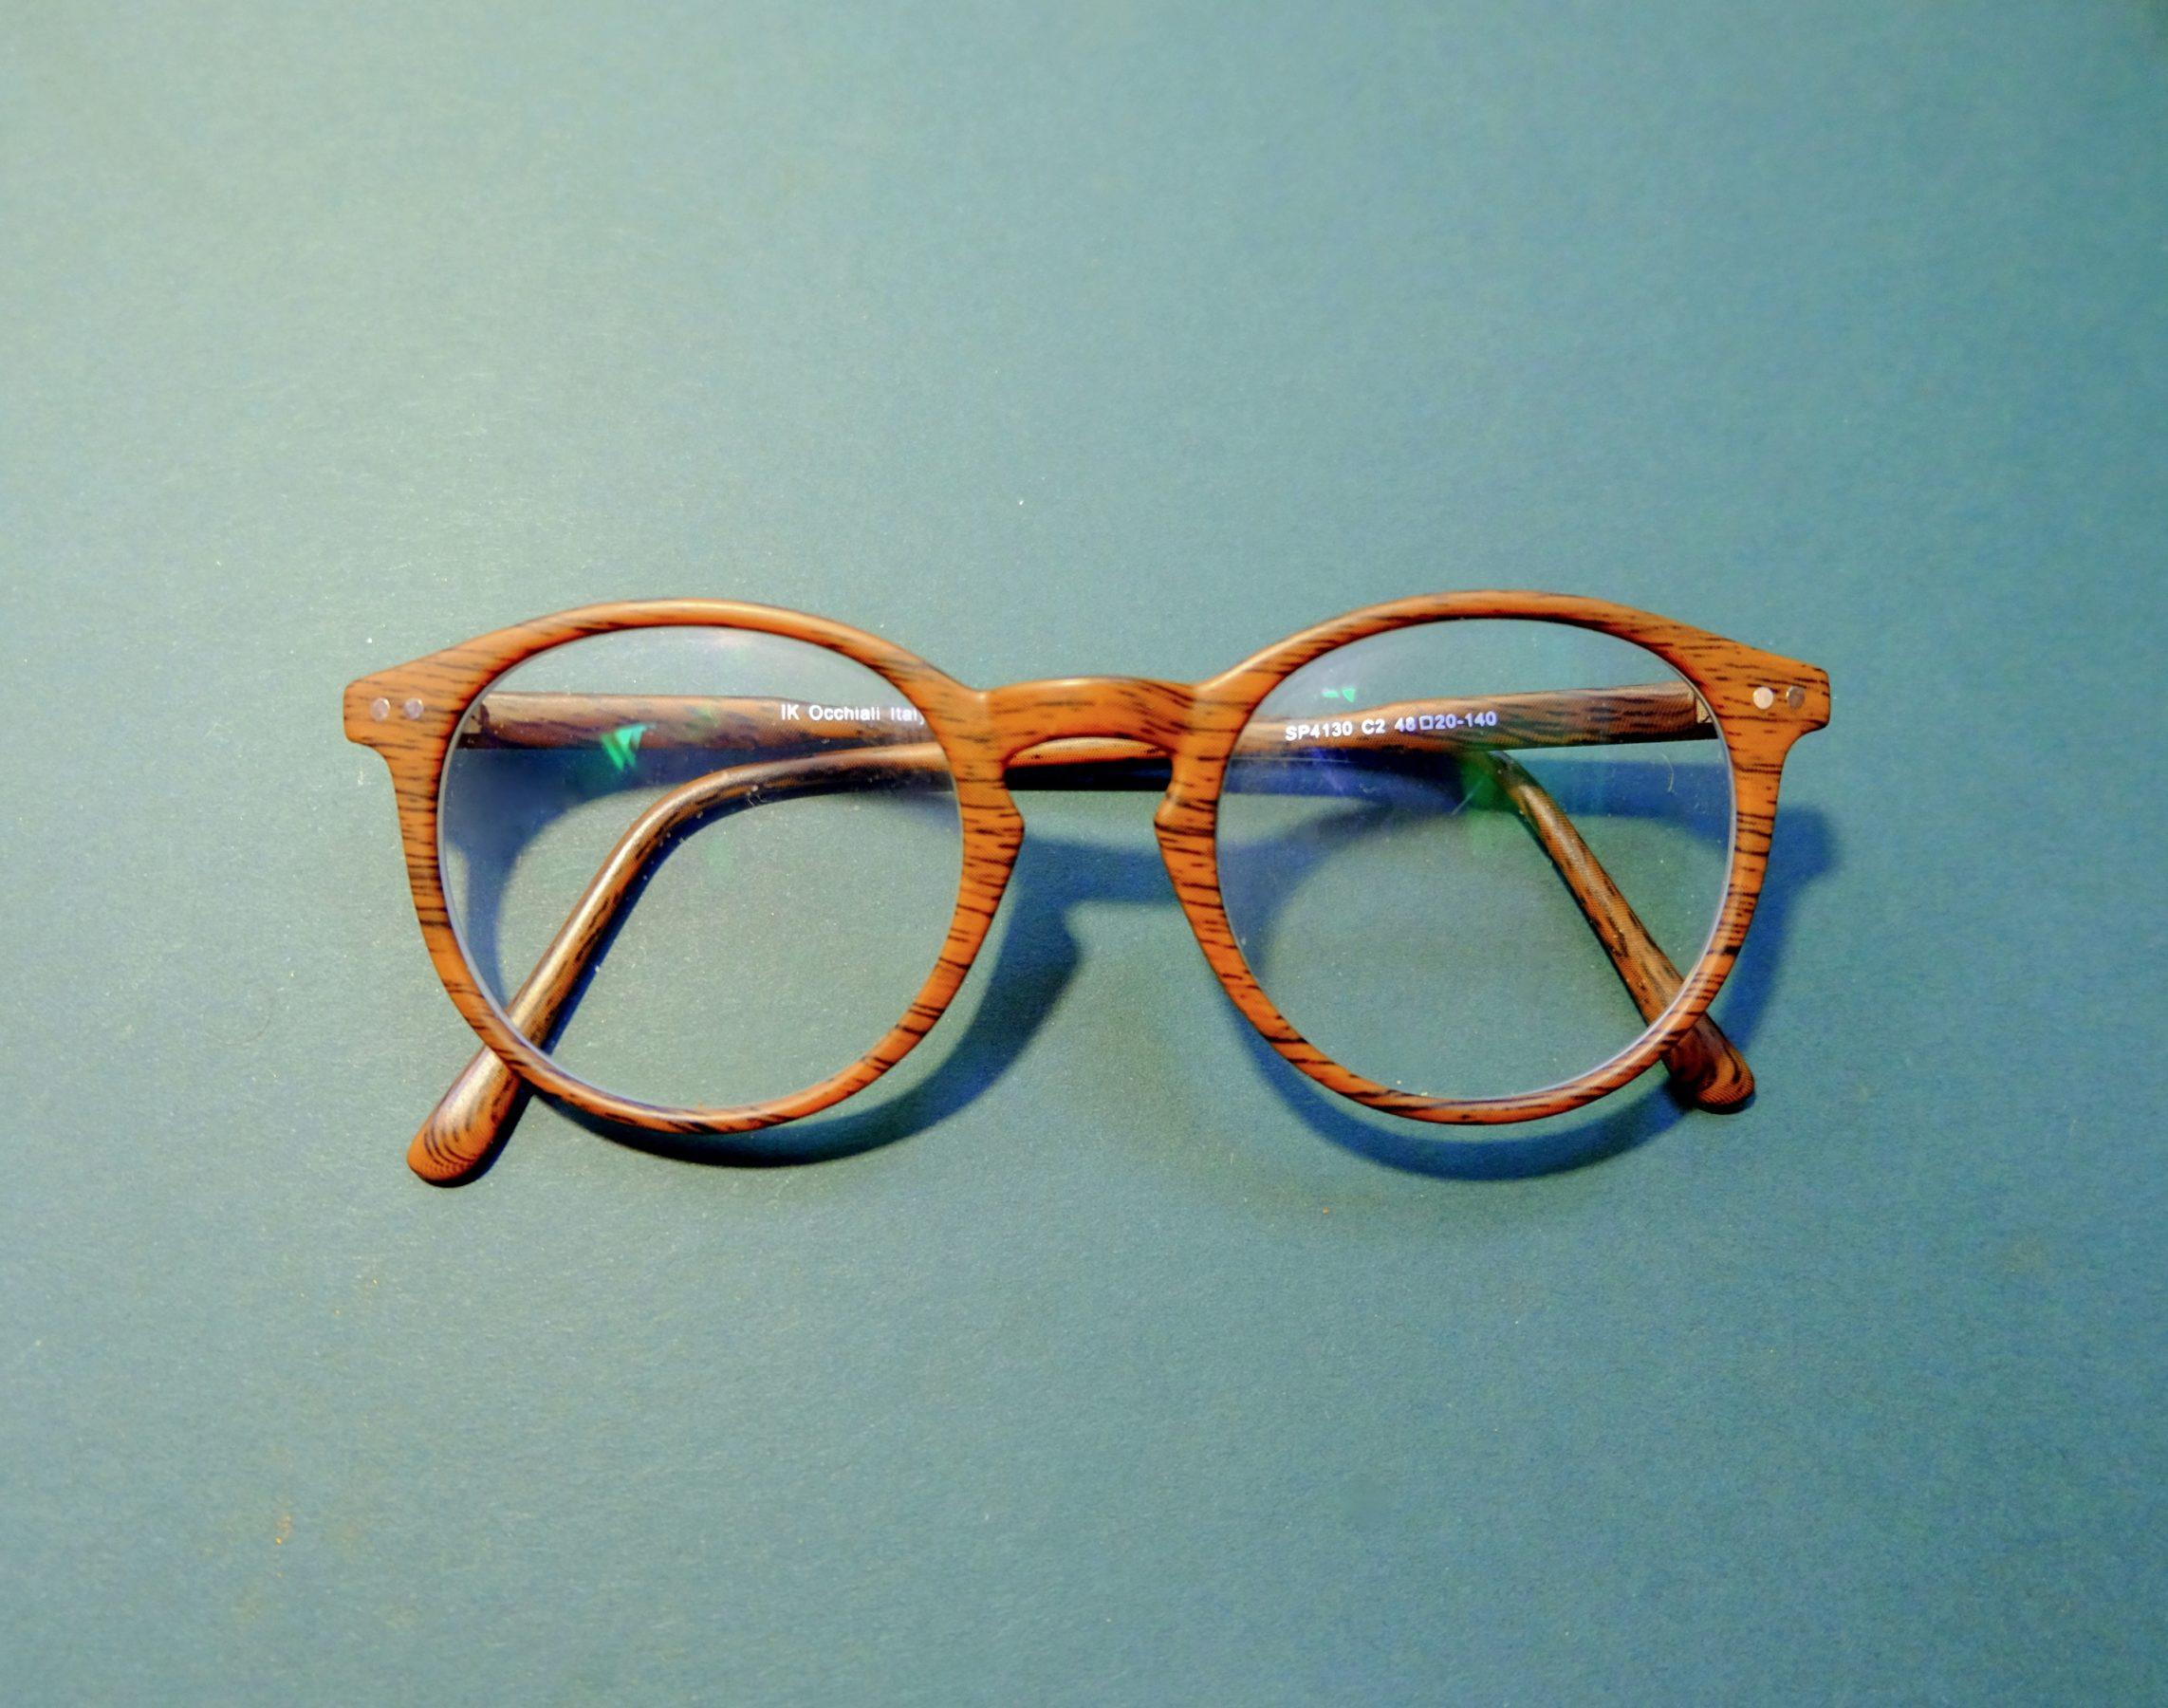 Oftalmologie | Când trebuie să consulți un oftalmolog?